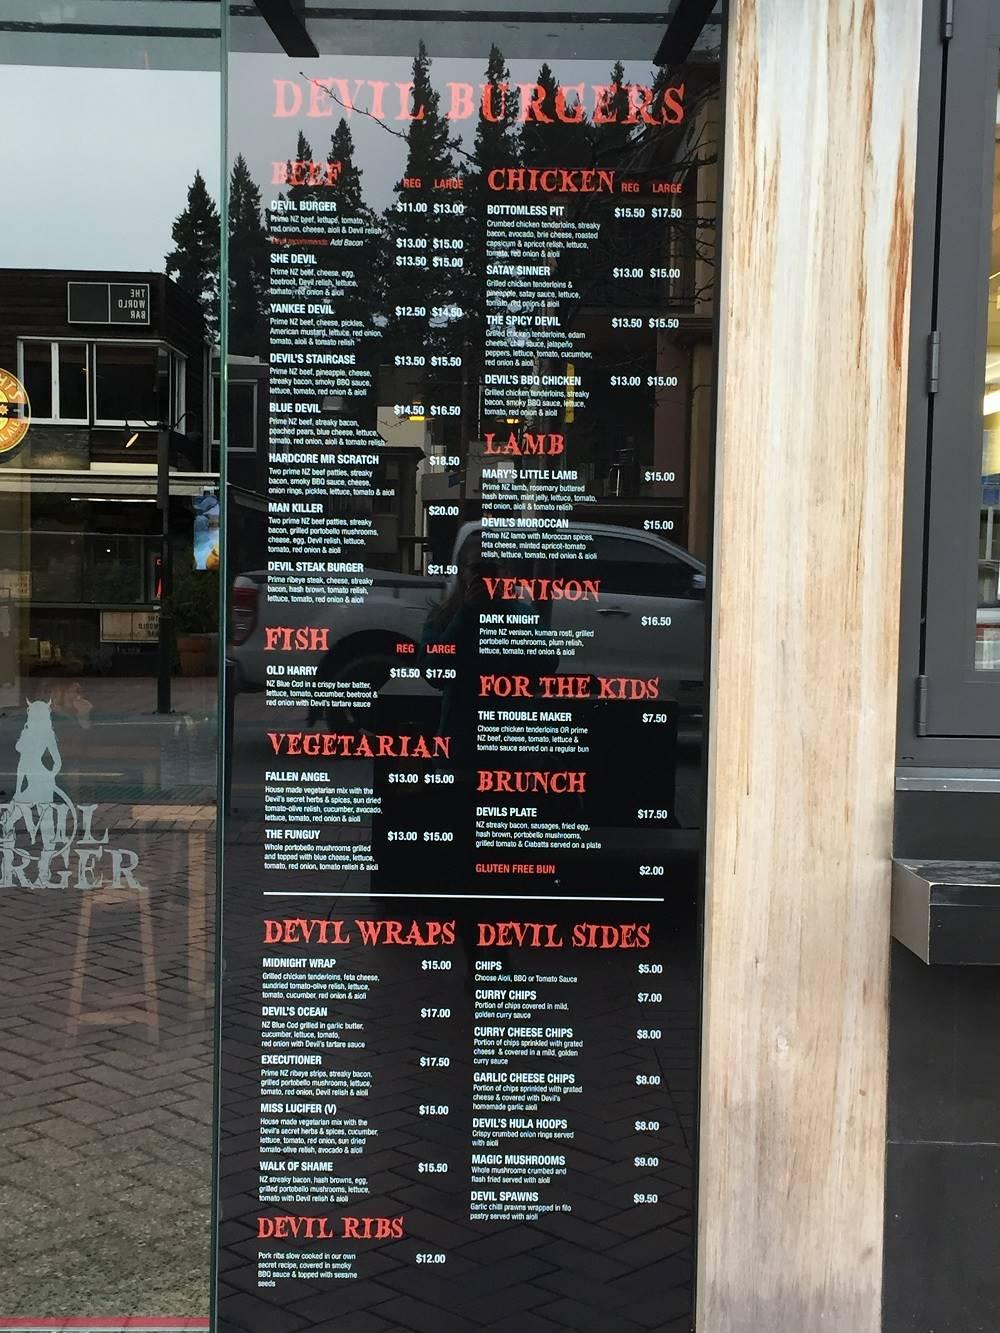 devil burger menu